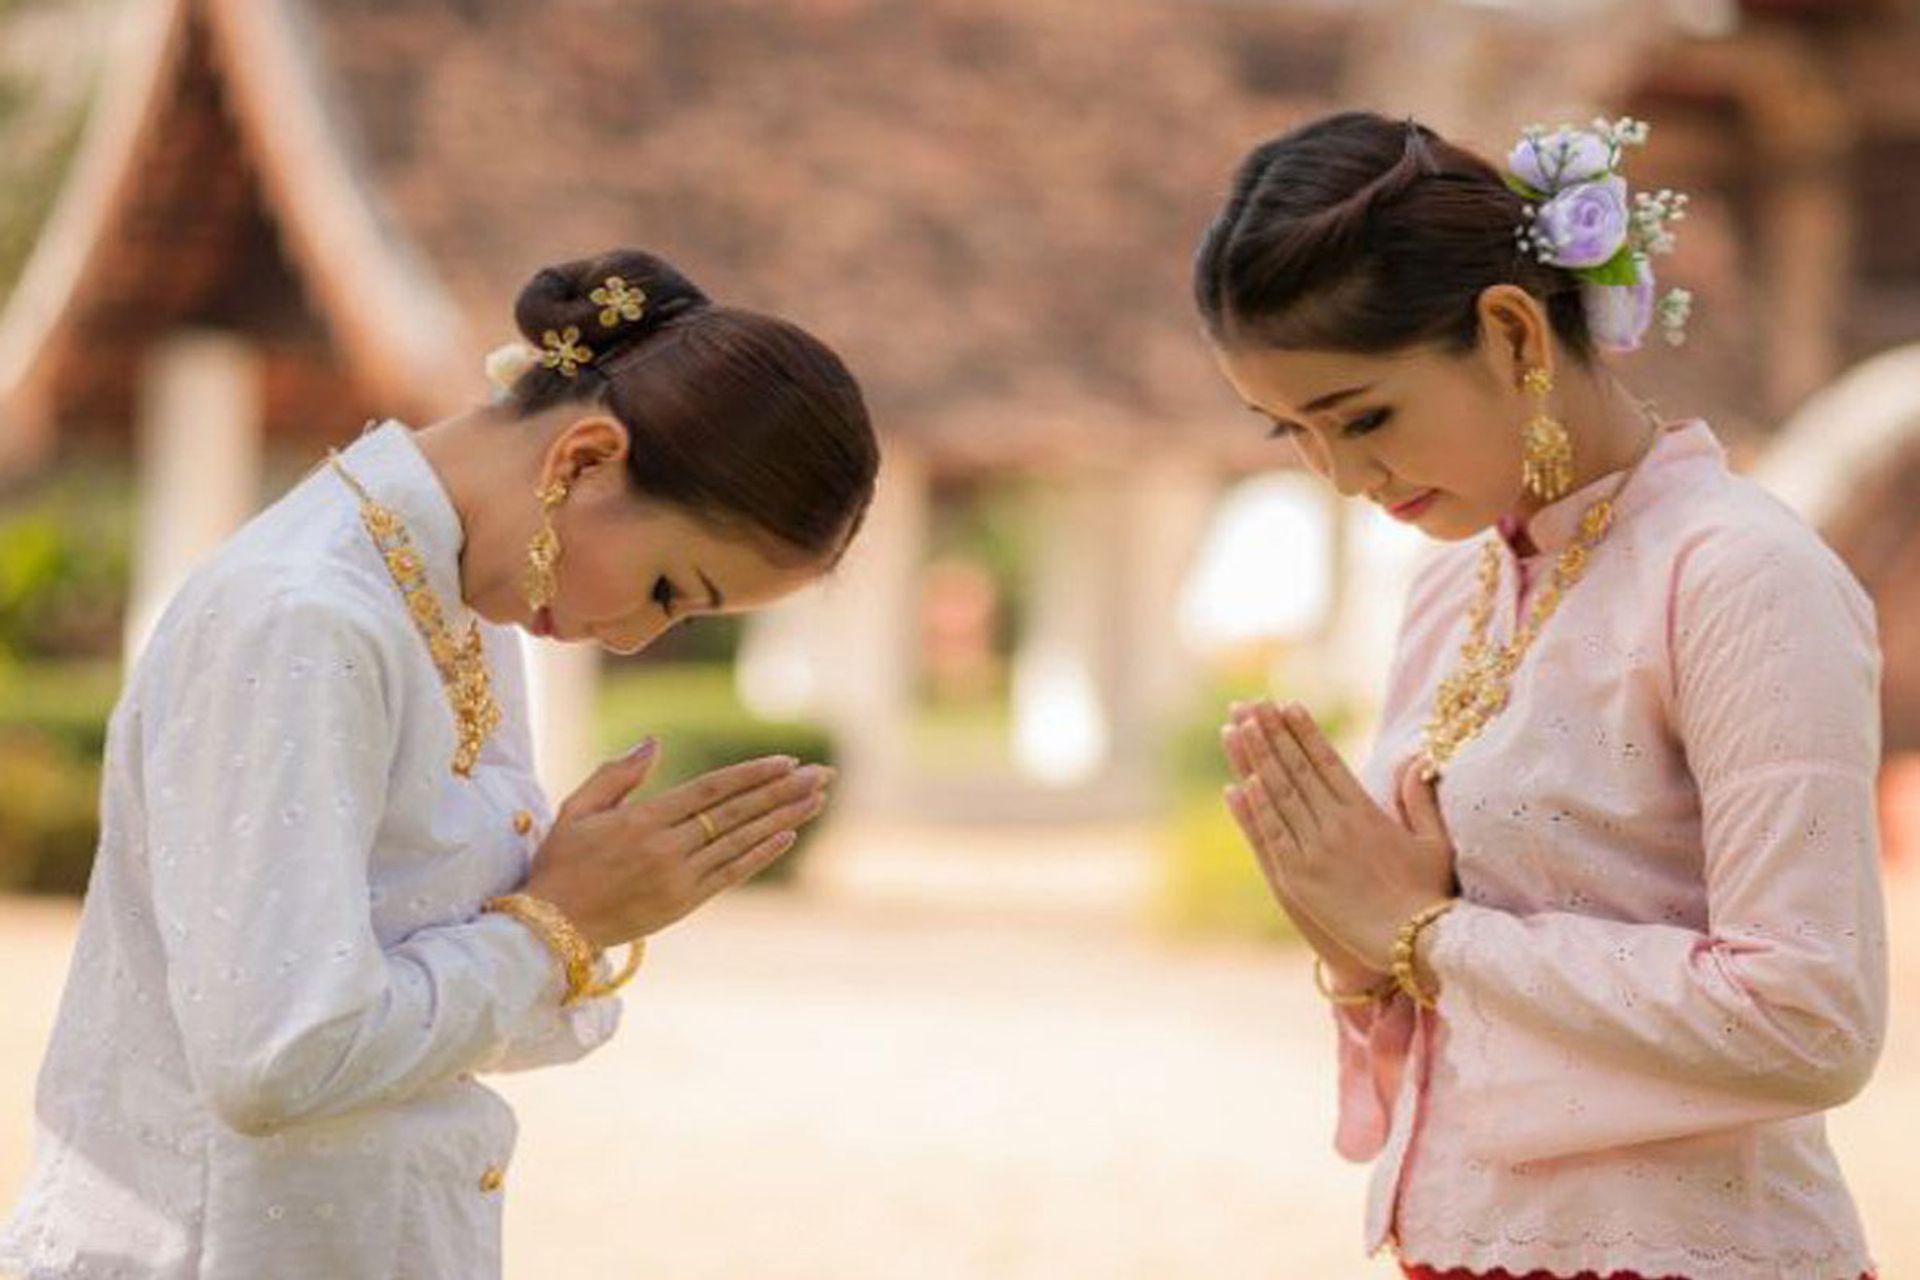 Phong tục chào hỏi tại Campuchia